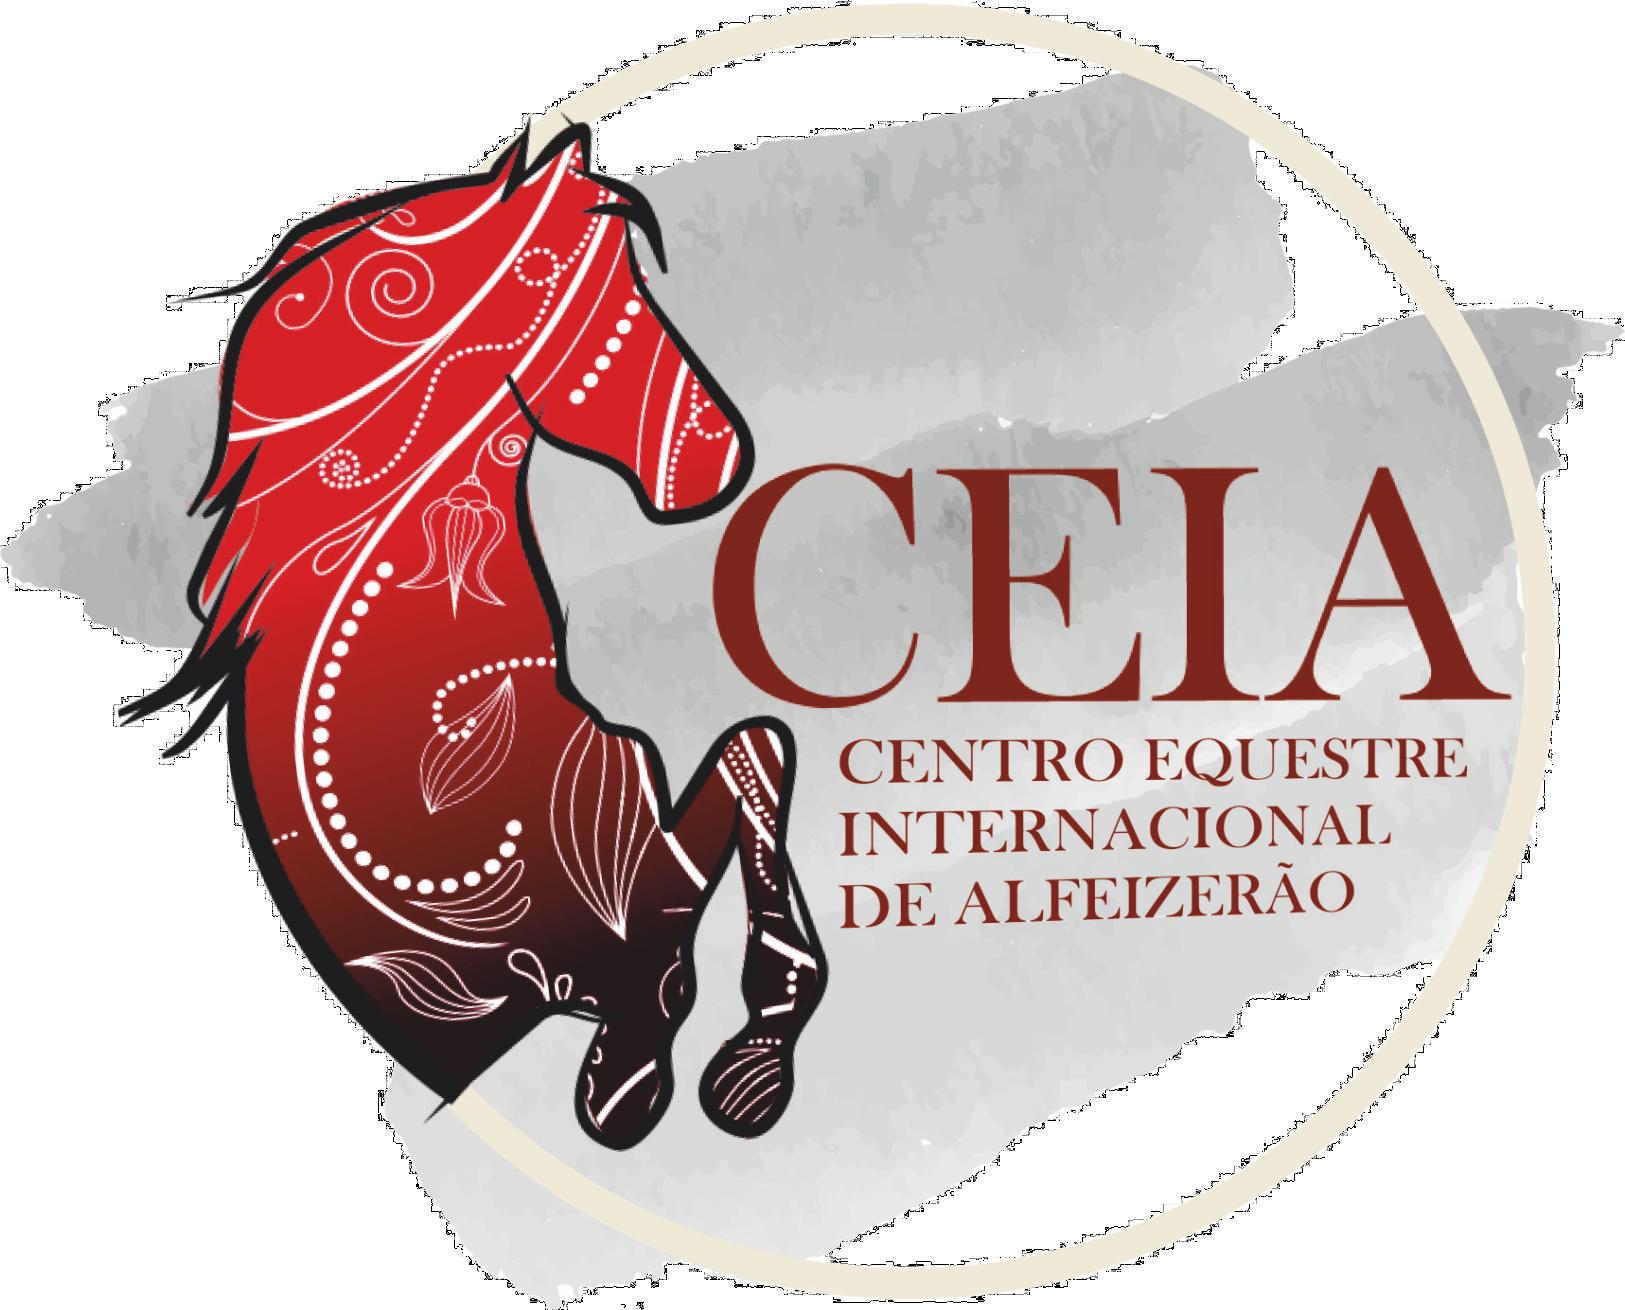 CEIA – Centro Equestre Internacional de Alfeizerão